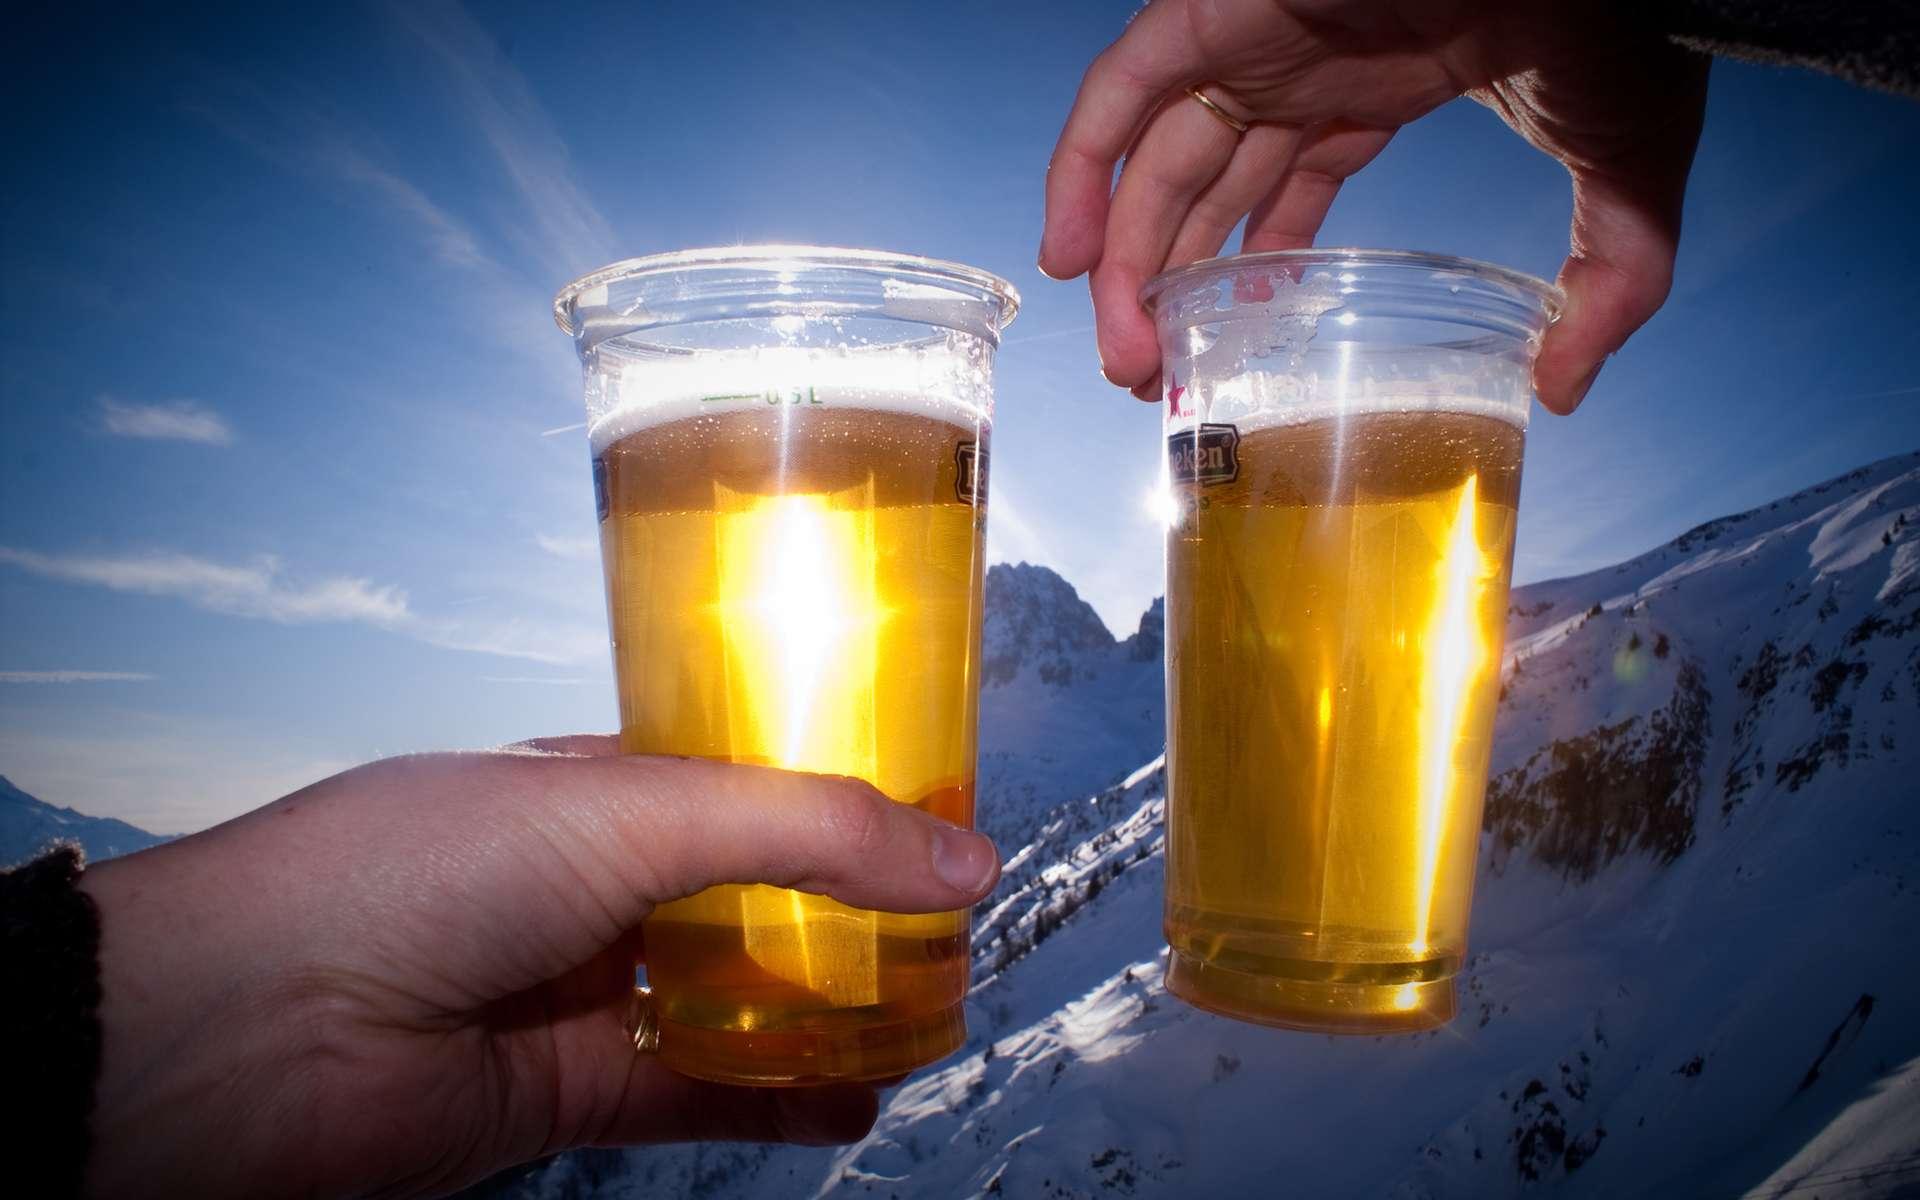 La bière ne supporte pas bien d'être exposée au soleil. Elle prend rapidement une odeur nauséabonde. © Sam' suffy, Flickr, CC by-nc 2.0